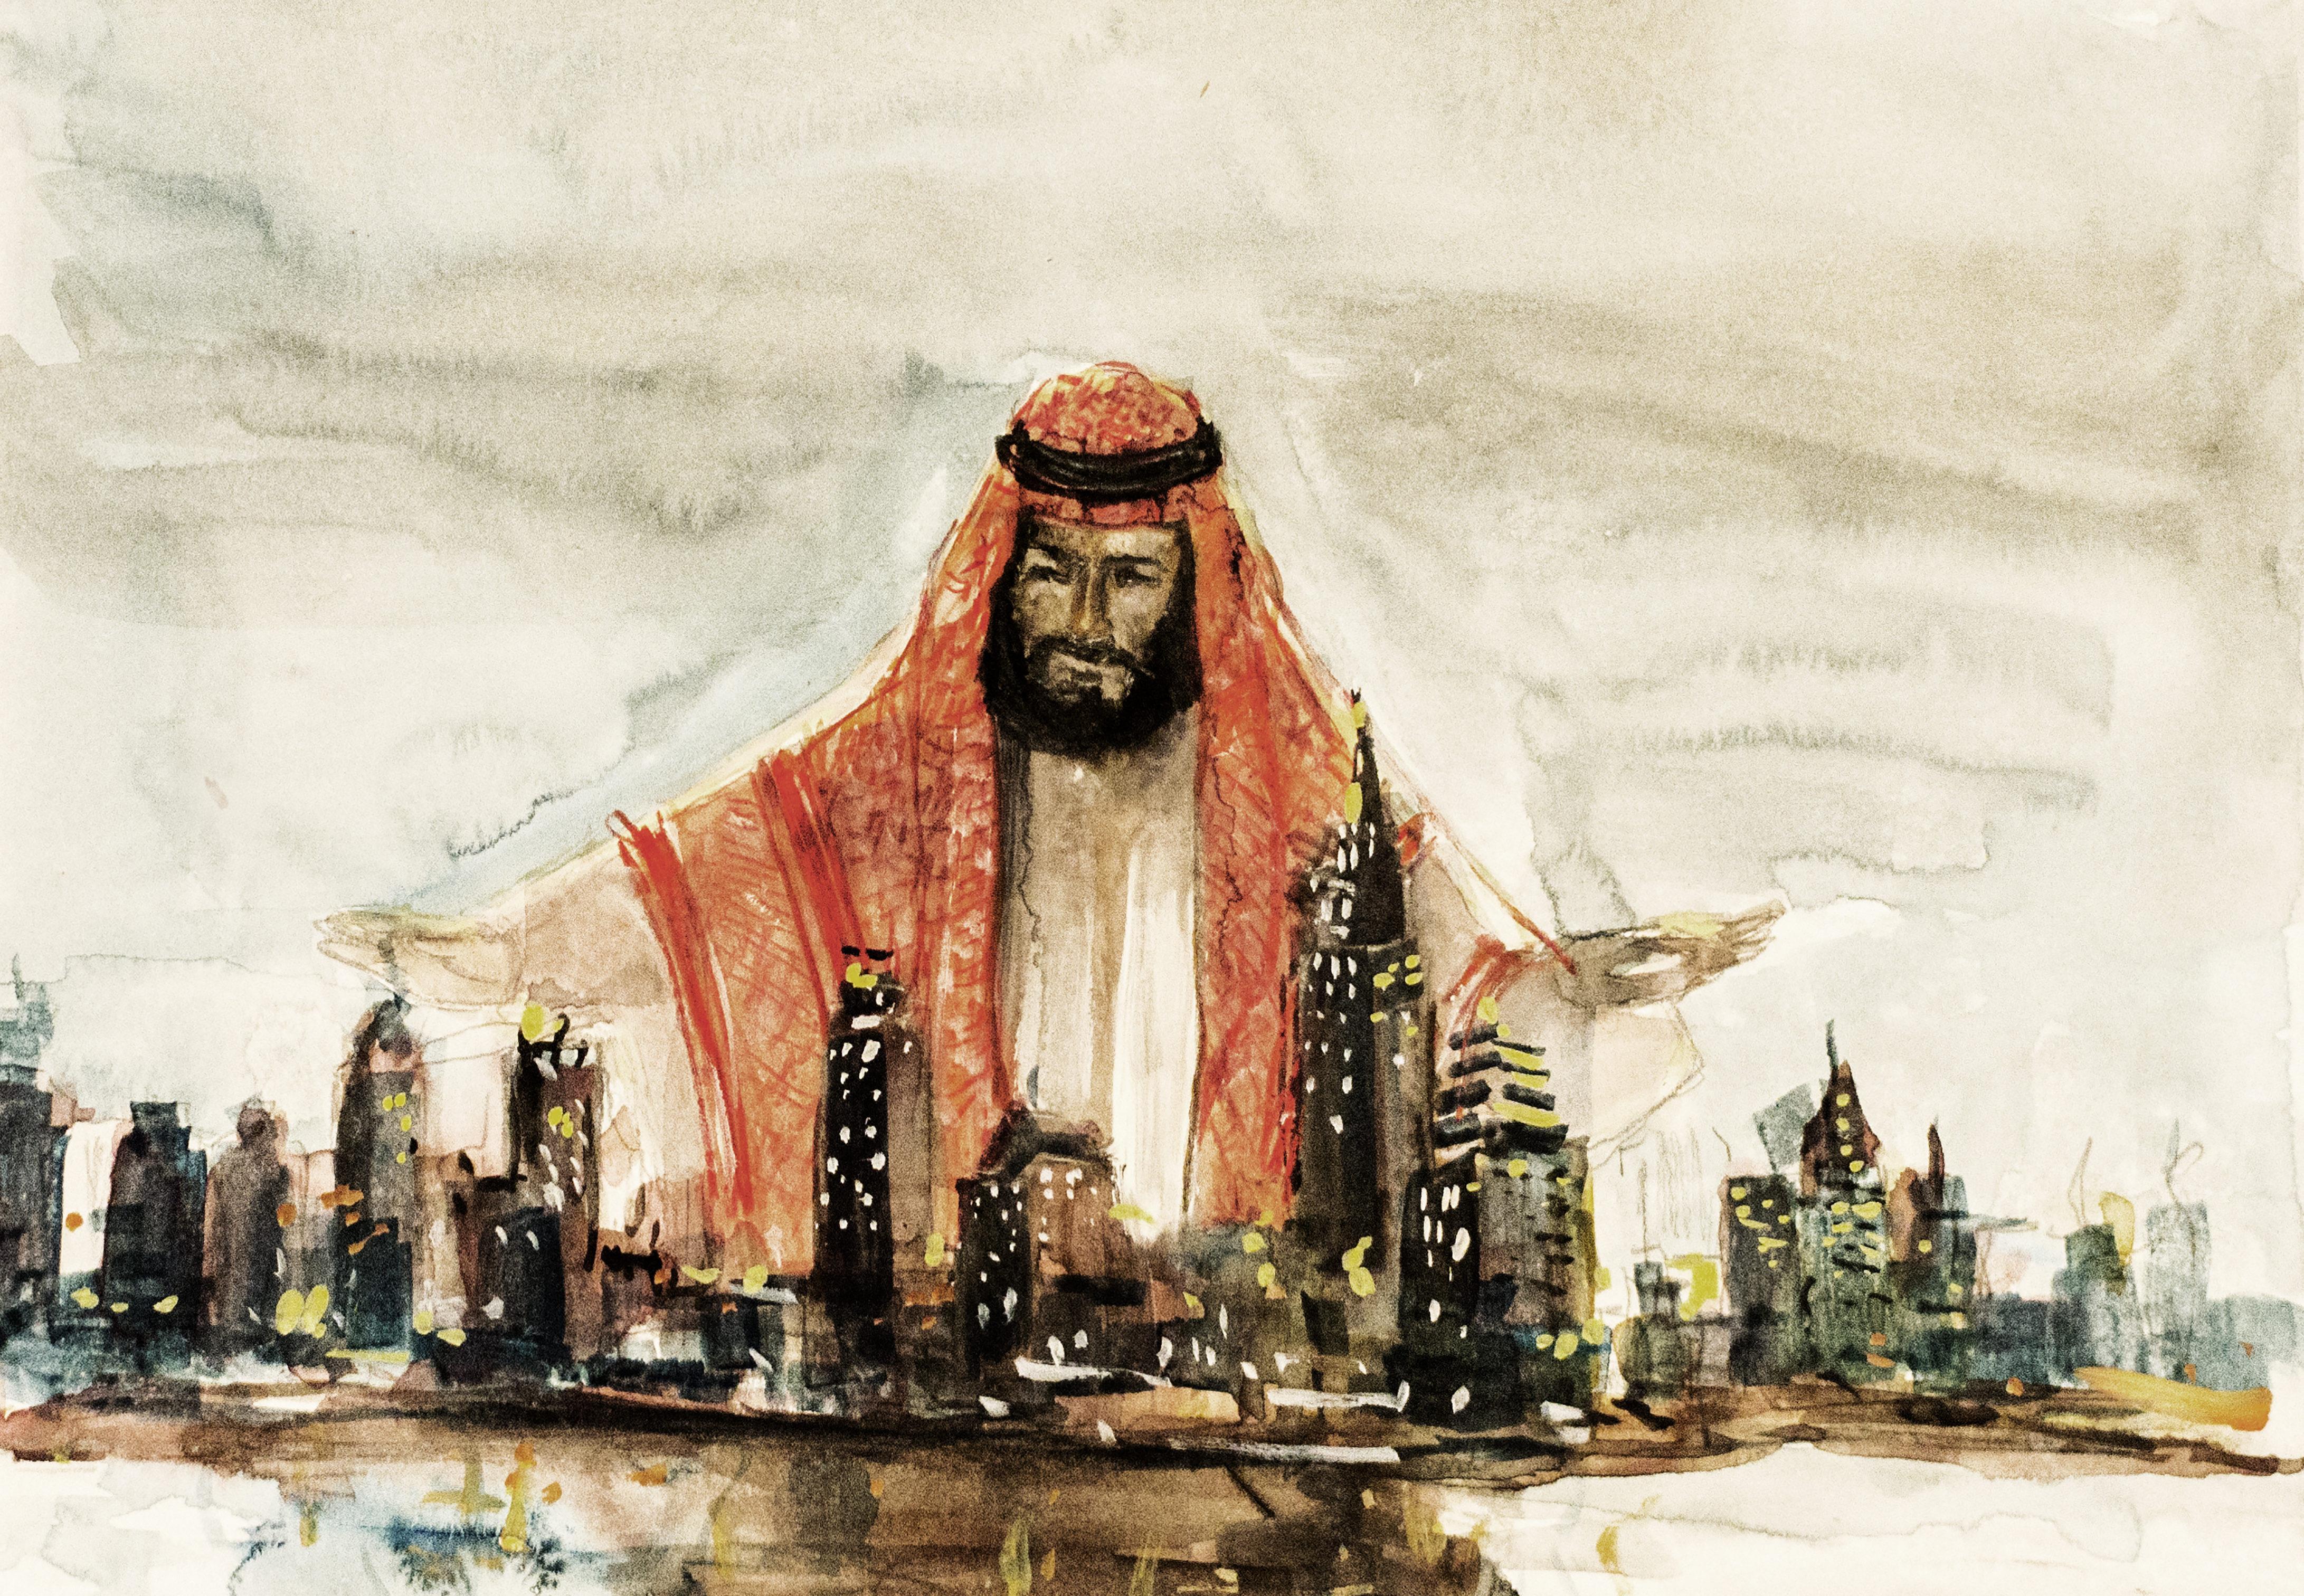 Saudi Inc Den Us Kontroversielle Ally Køber Amerika Den Indypendent-3853